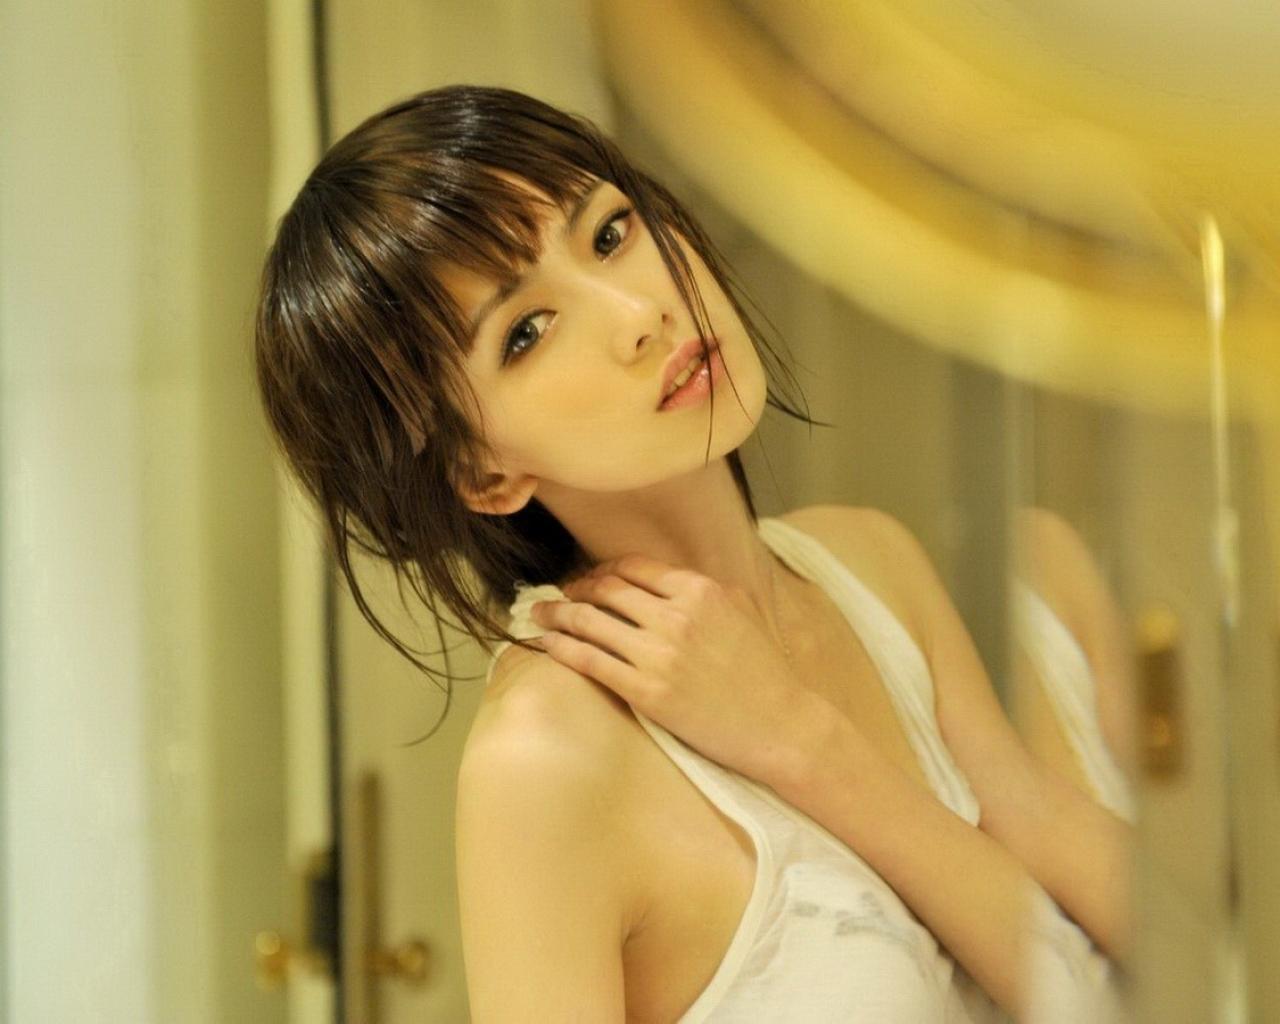 Chicas asiáticas - 1280x1024